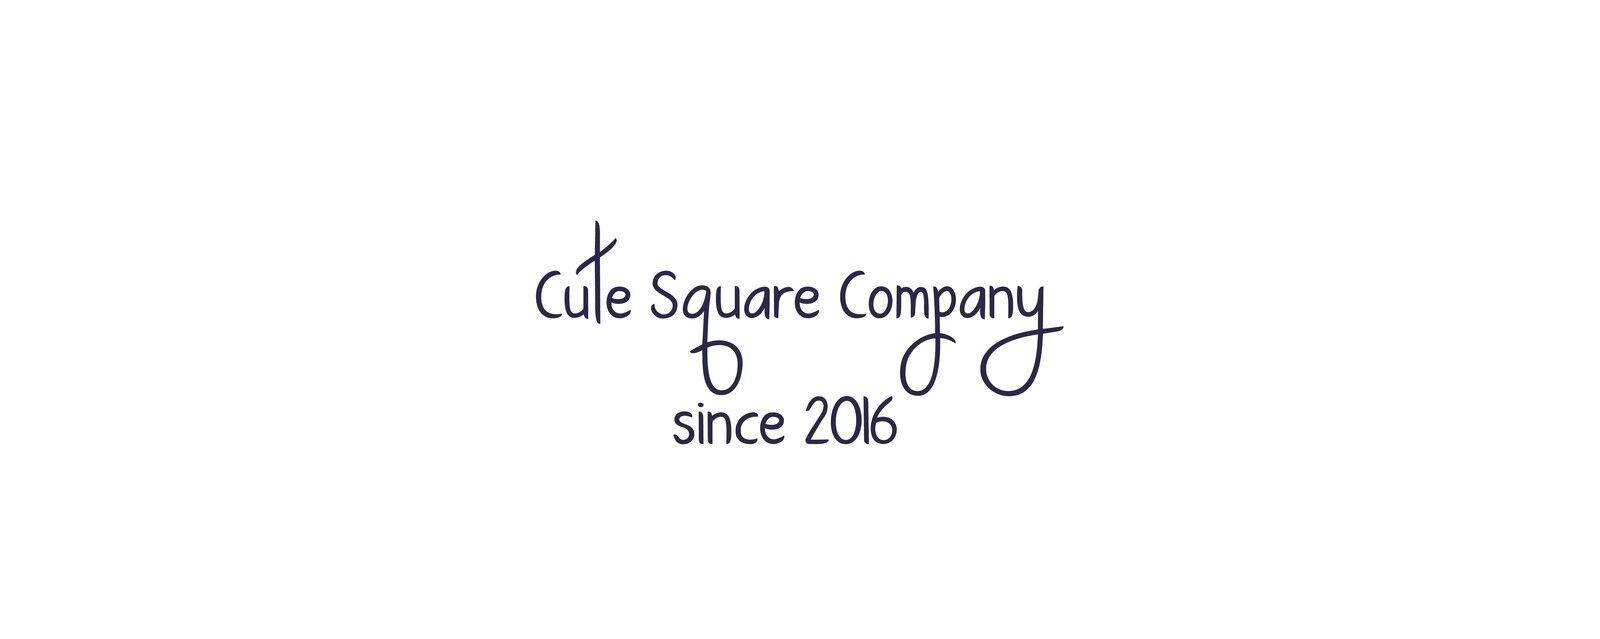 Cute Square Company